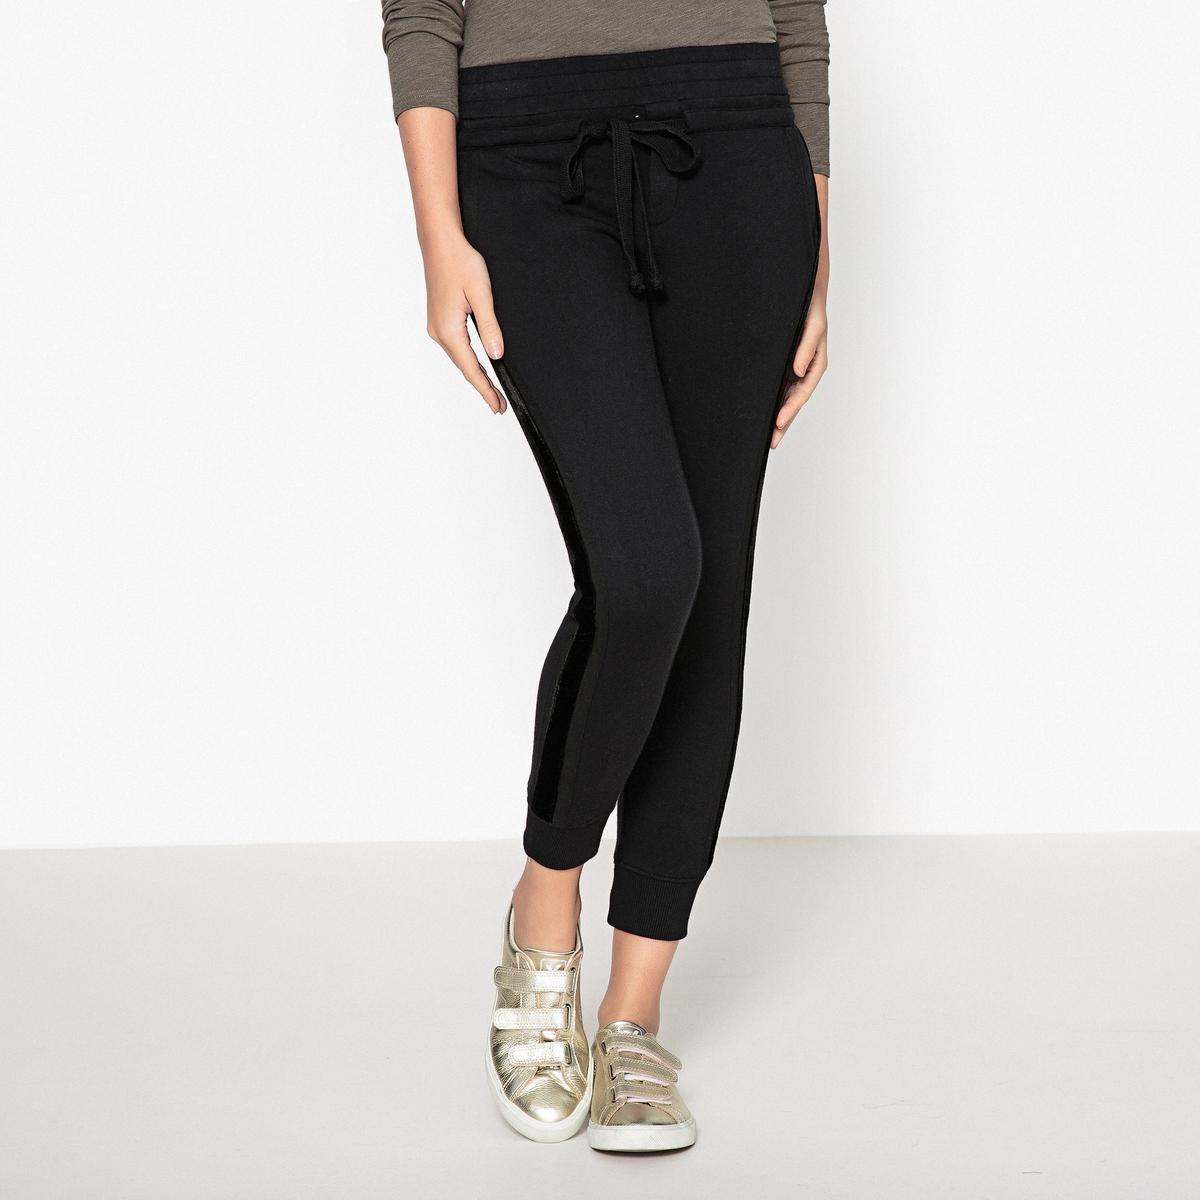 Спортивные брюки с велюровой нашивкойОписание:Спортивные брюки THE KOOPLES с эластичным поясом и велюровая полоса по длине ноги.Детали   •  Спортивные брюки  •  Стандартная высота пояса •  Эластичный поясСостав и уход   •  48% хлопка, 52% модала •  Следуйте советам по уходу, указанным на этикетке •  Велюровая черная нашивка по длине ноги, 100% хлопок  •  Затягивающийся пояс для приталенной формы •  Резинка на лодыжке •  Прорезные карманы сзади •  Длина по внутреннему шву : 70 см<br><br>Цвет: черный